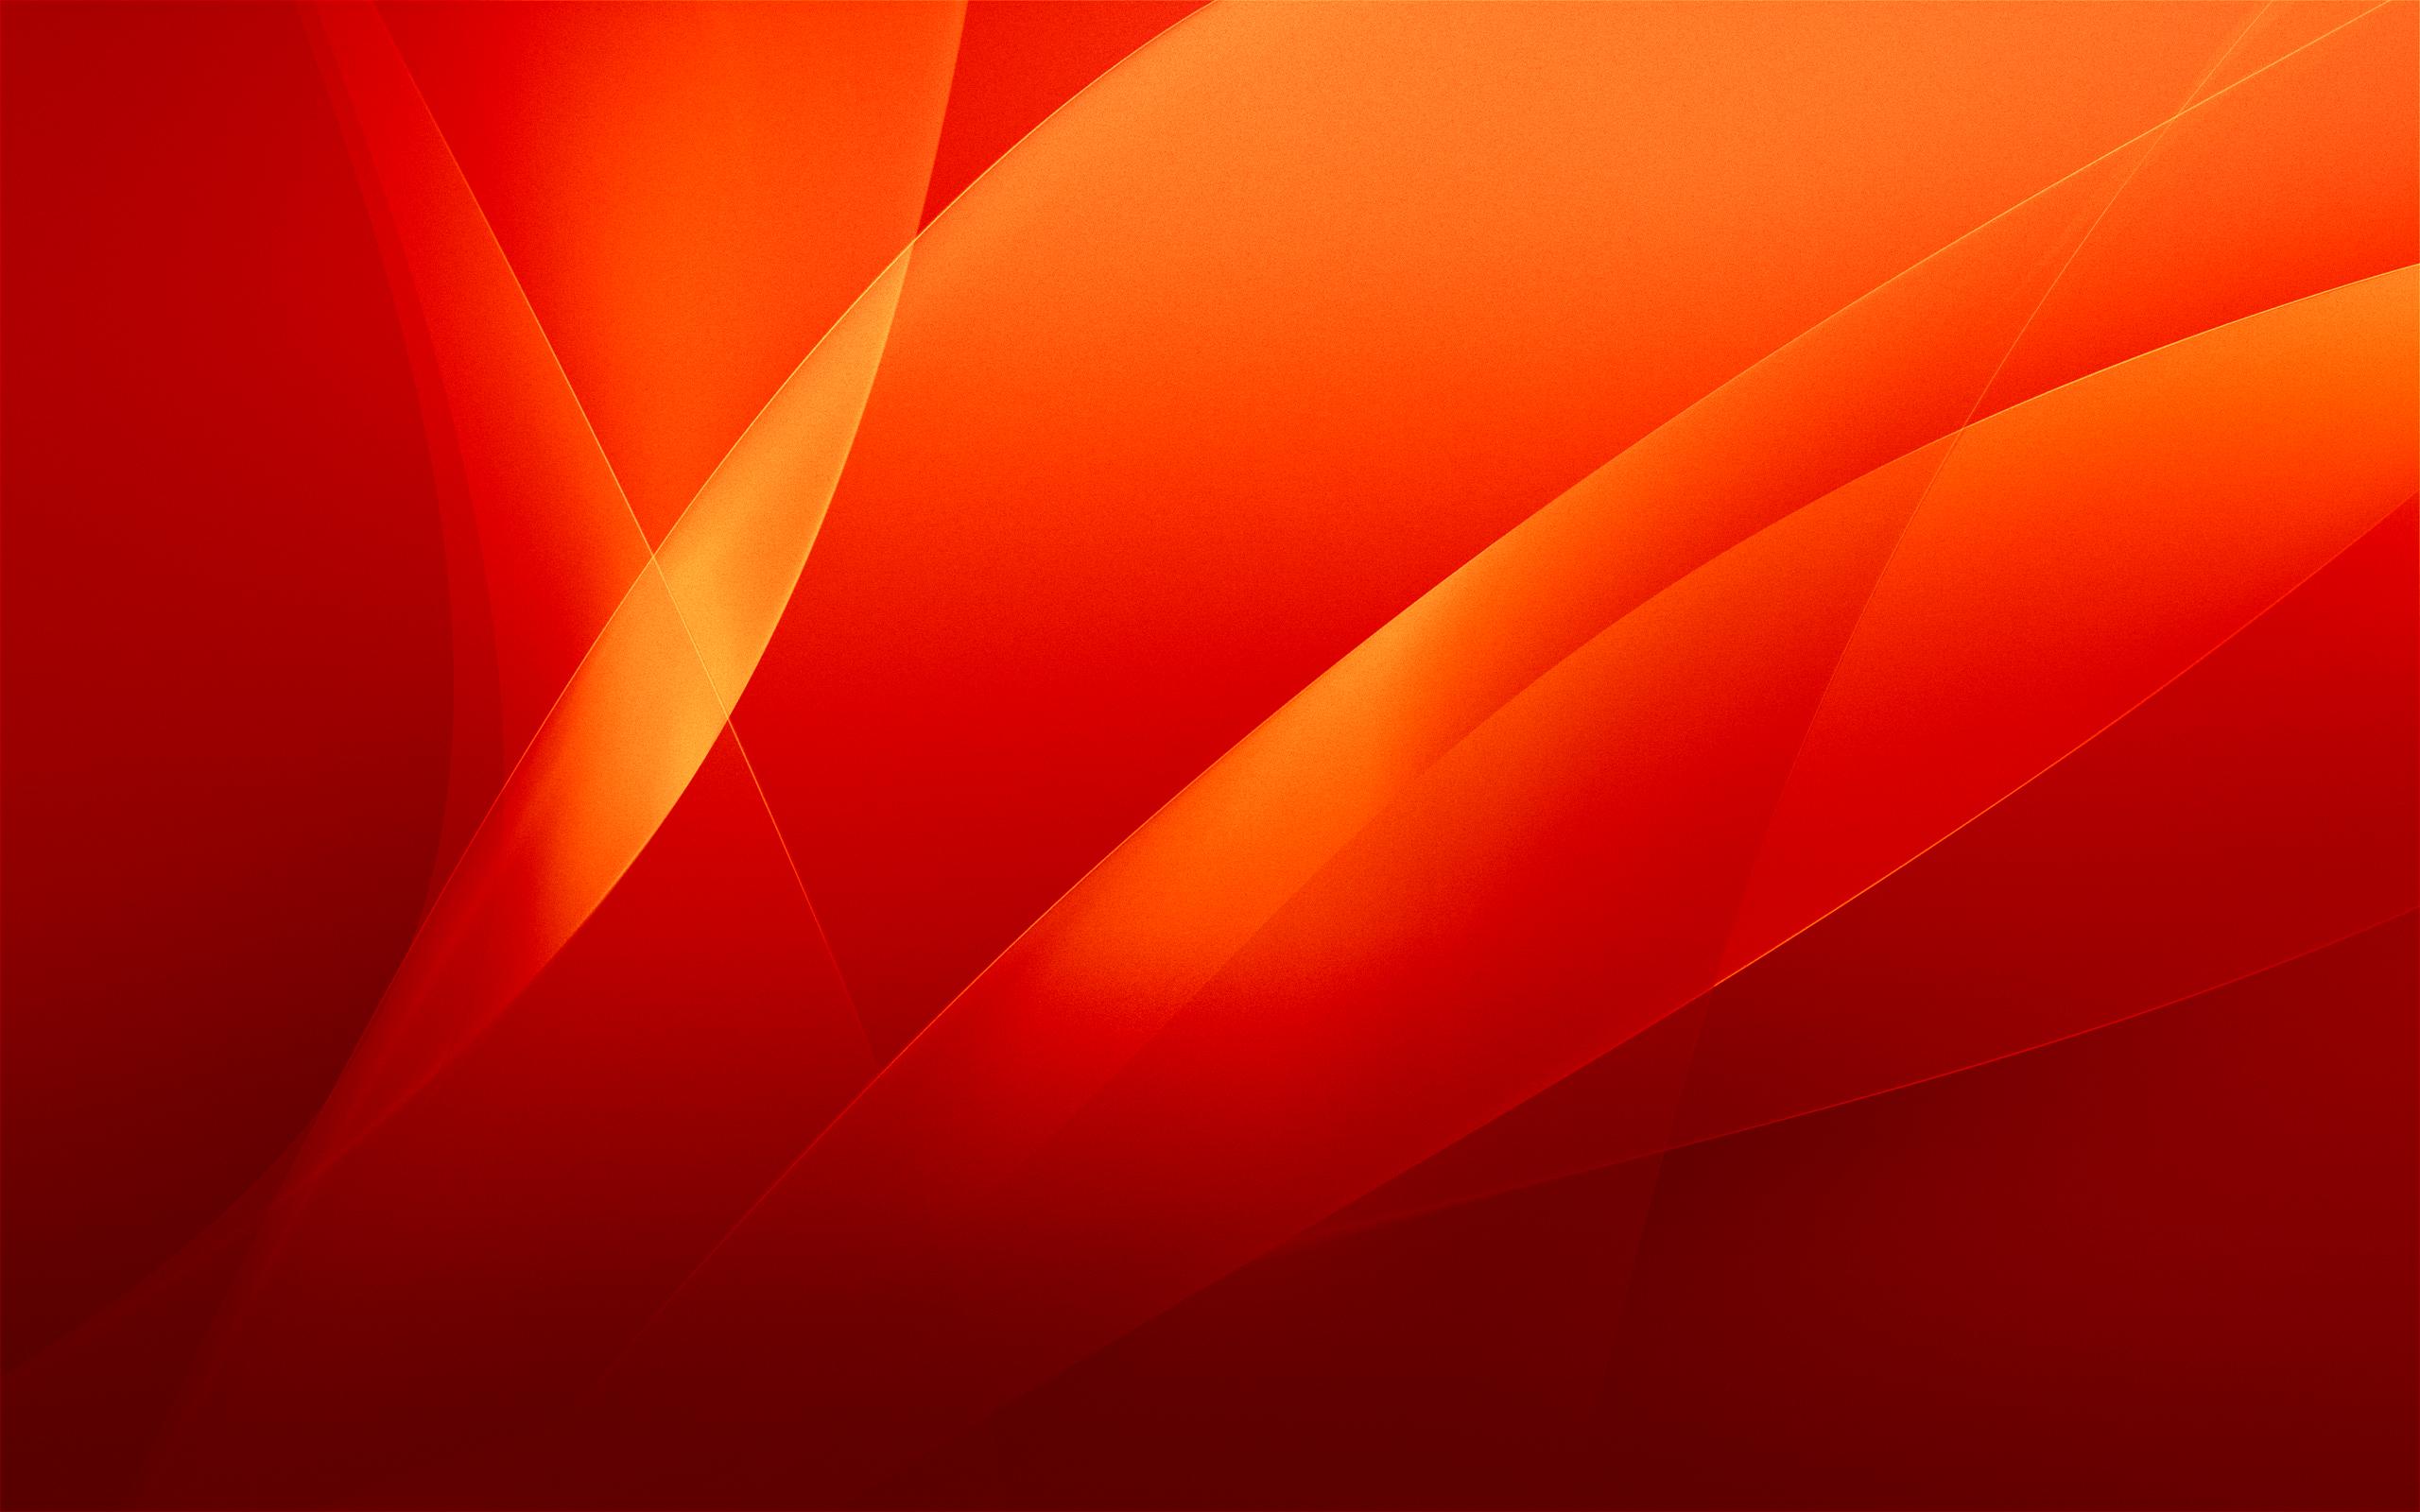 Free Red Wallpaper Wallpapersafari